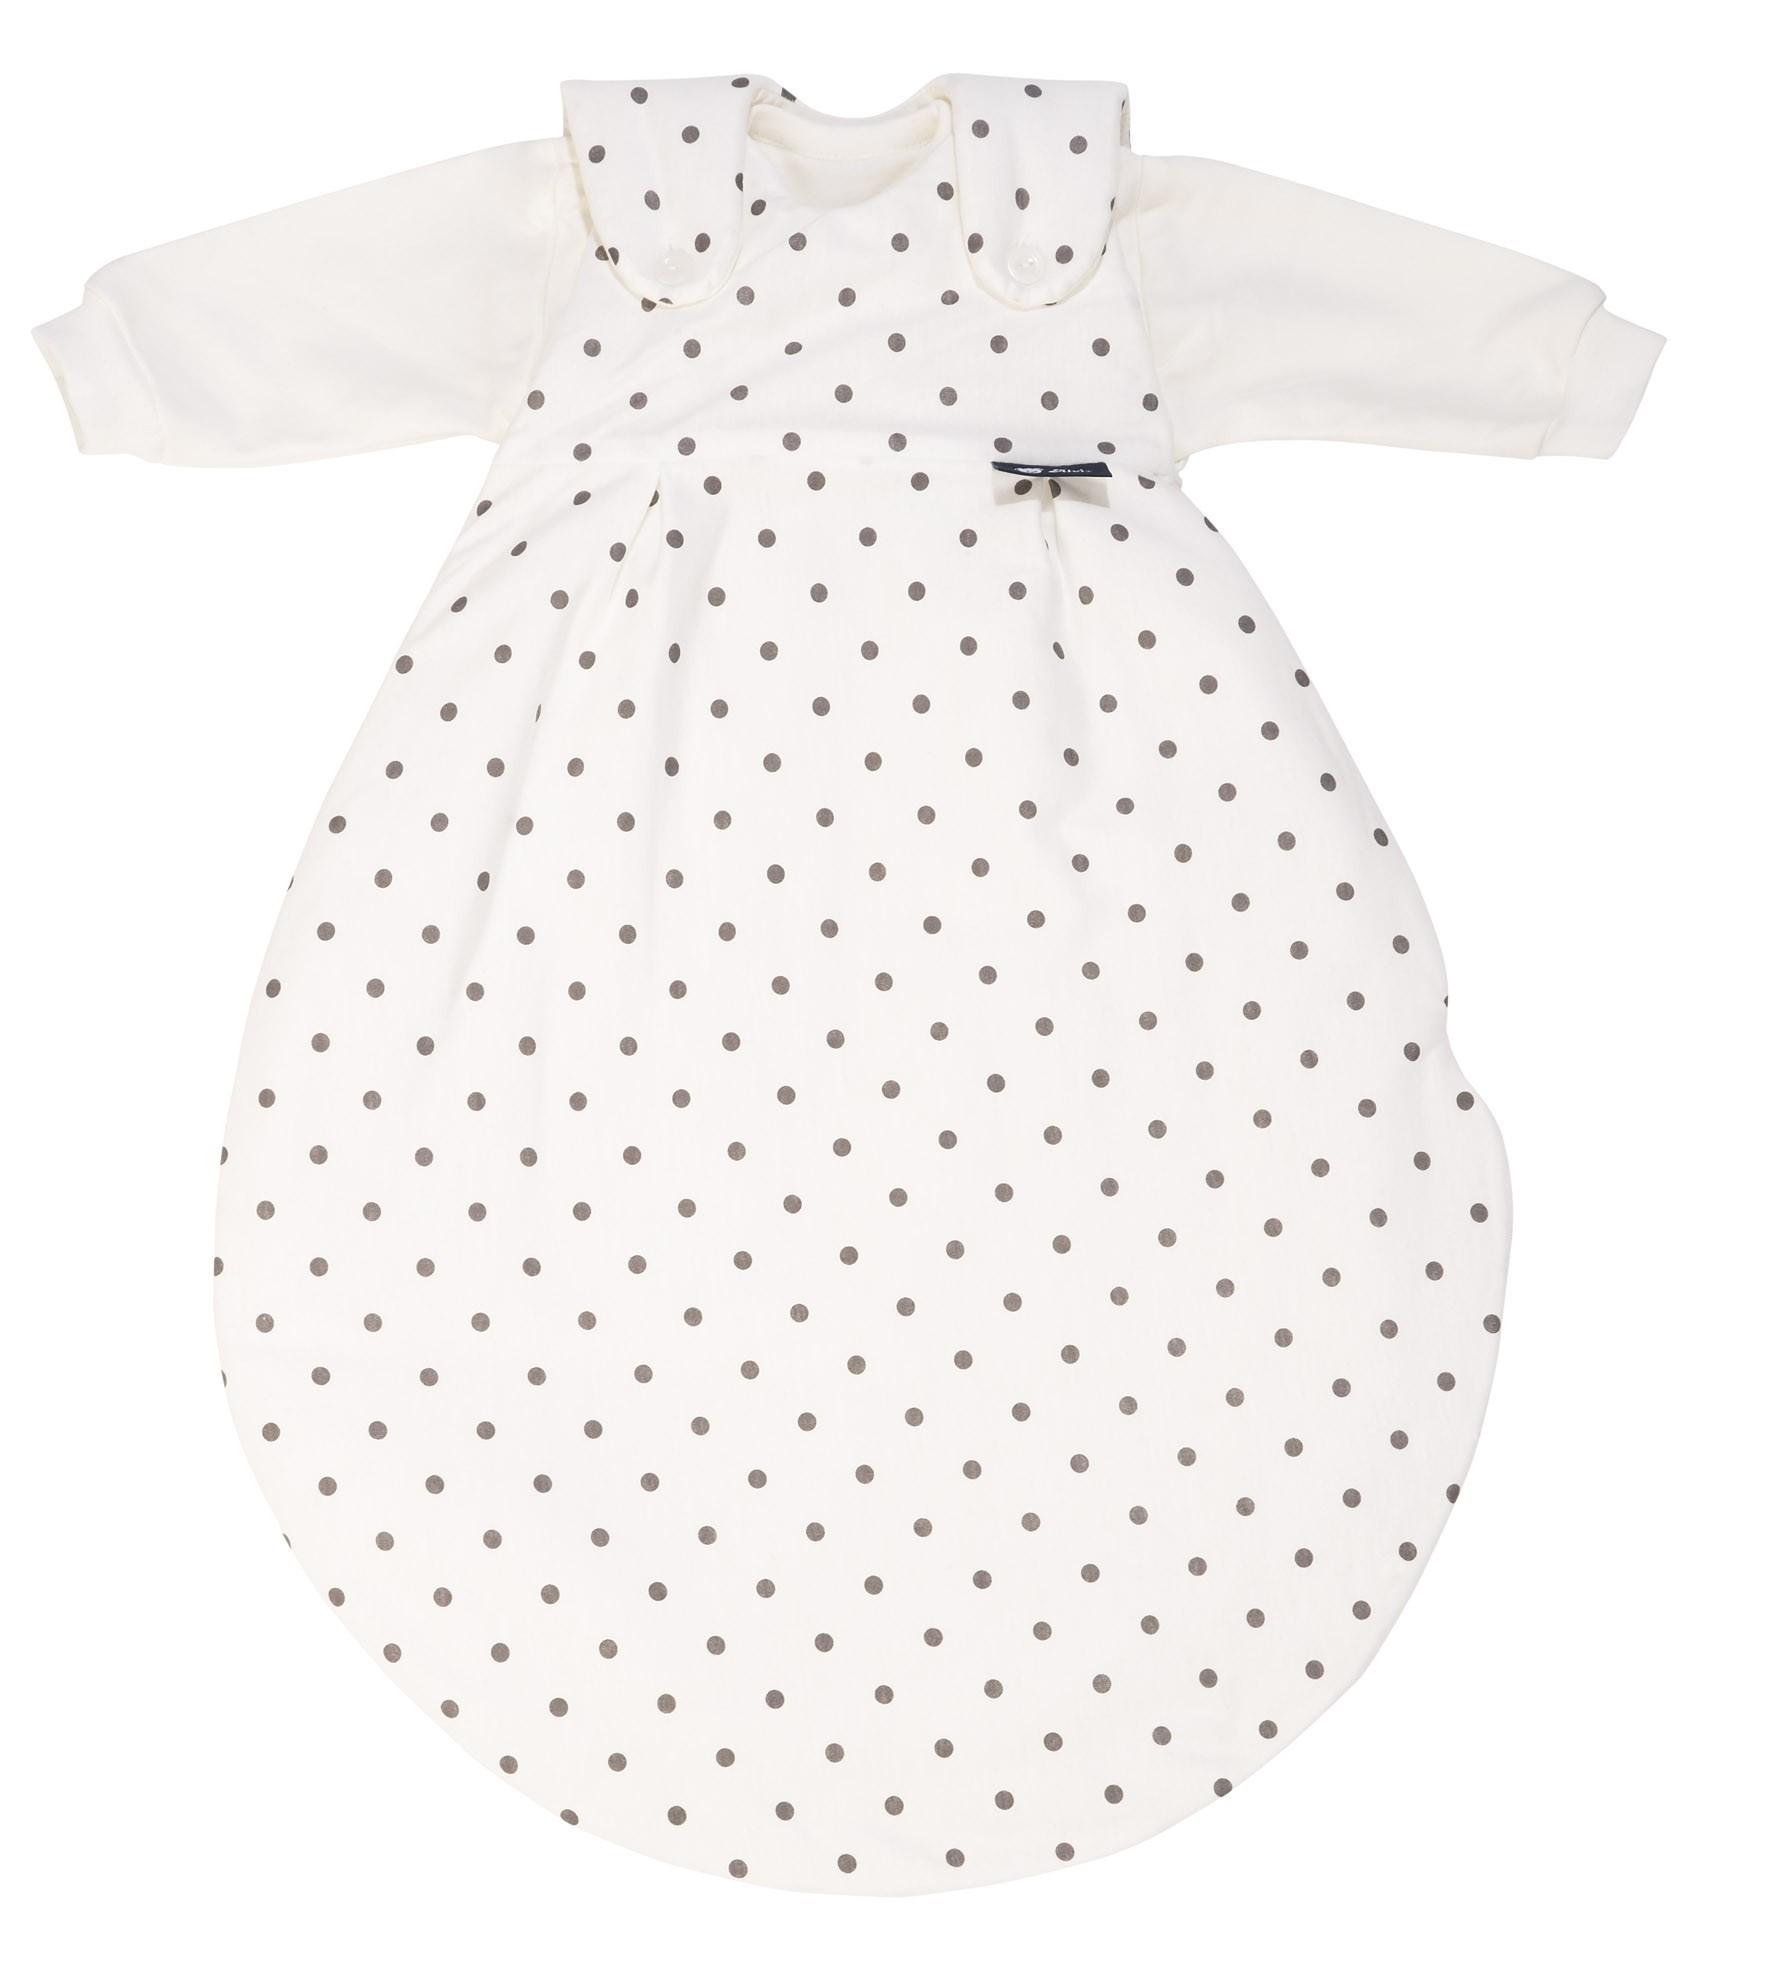 Alvi Baby Mäxchen Schlafsack 56/62 924-9 Dots grau